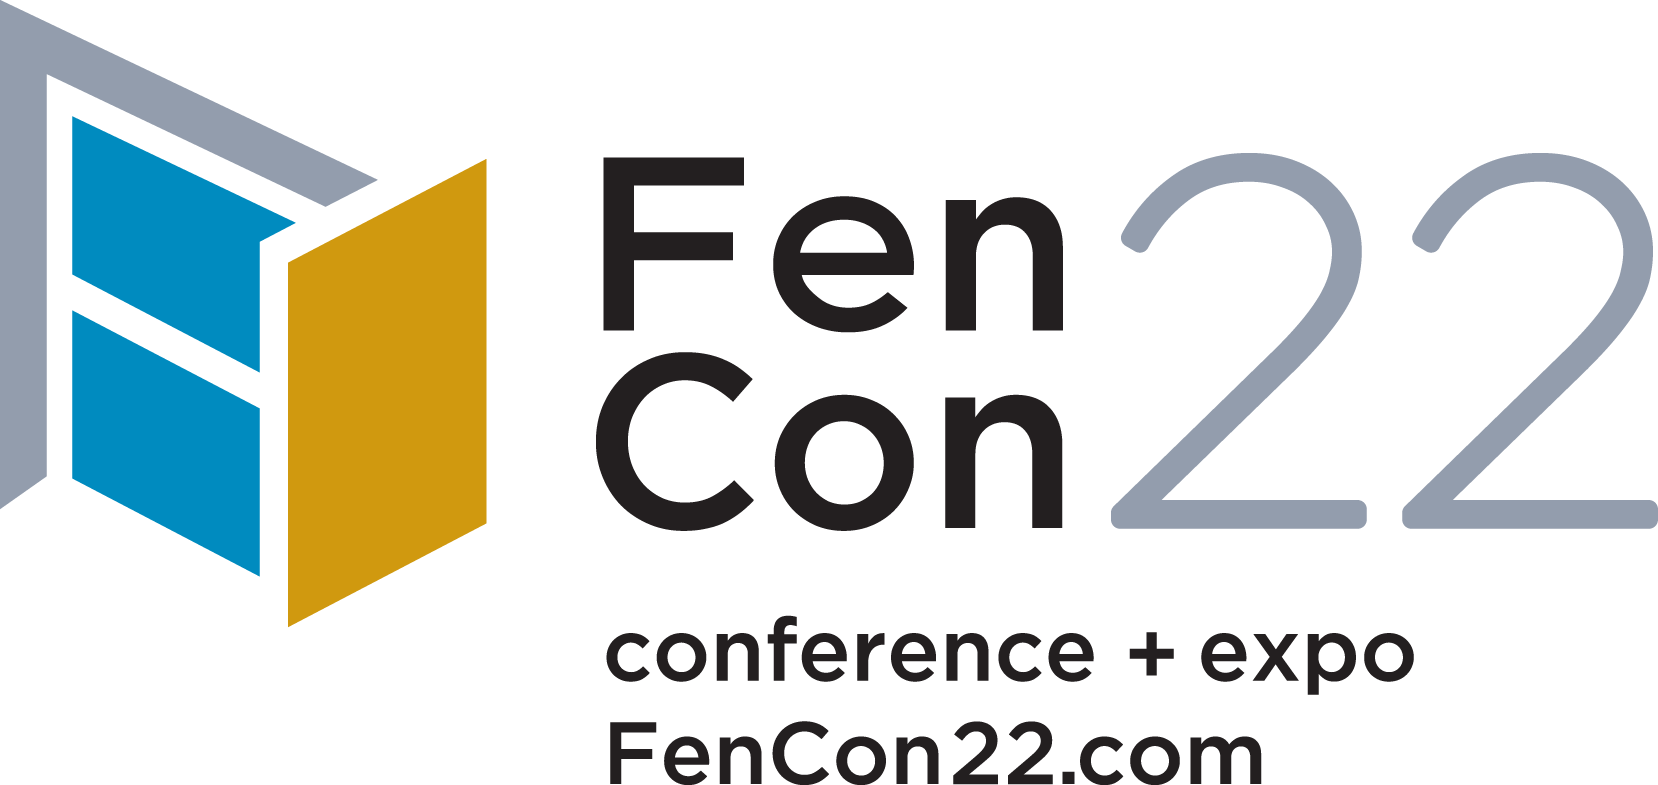 Fen Con 22